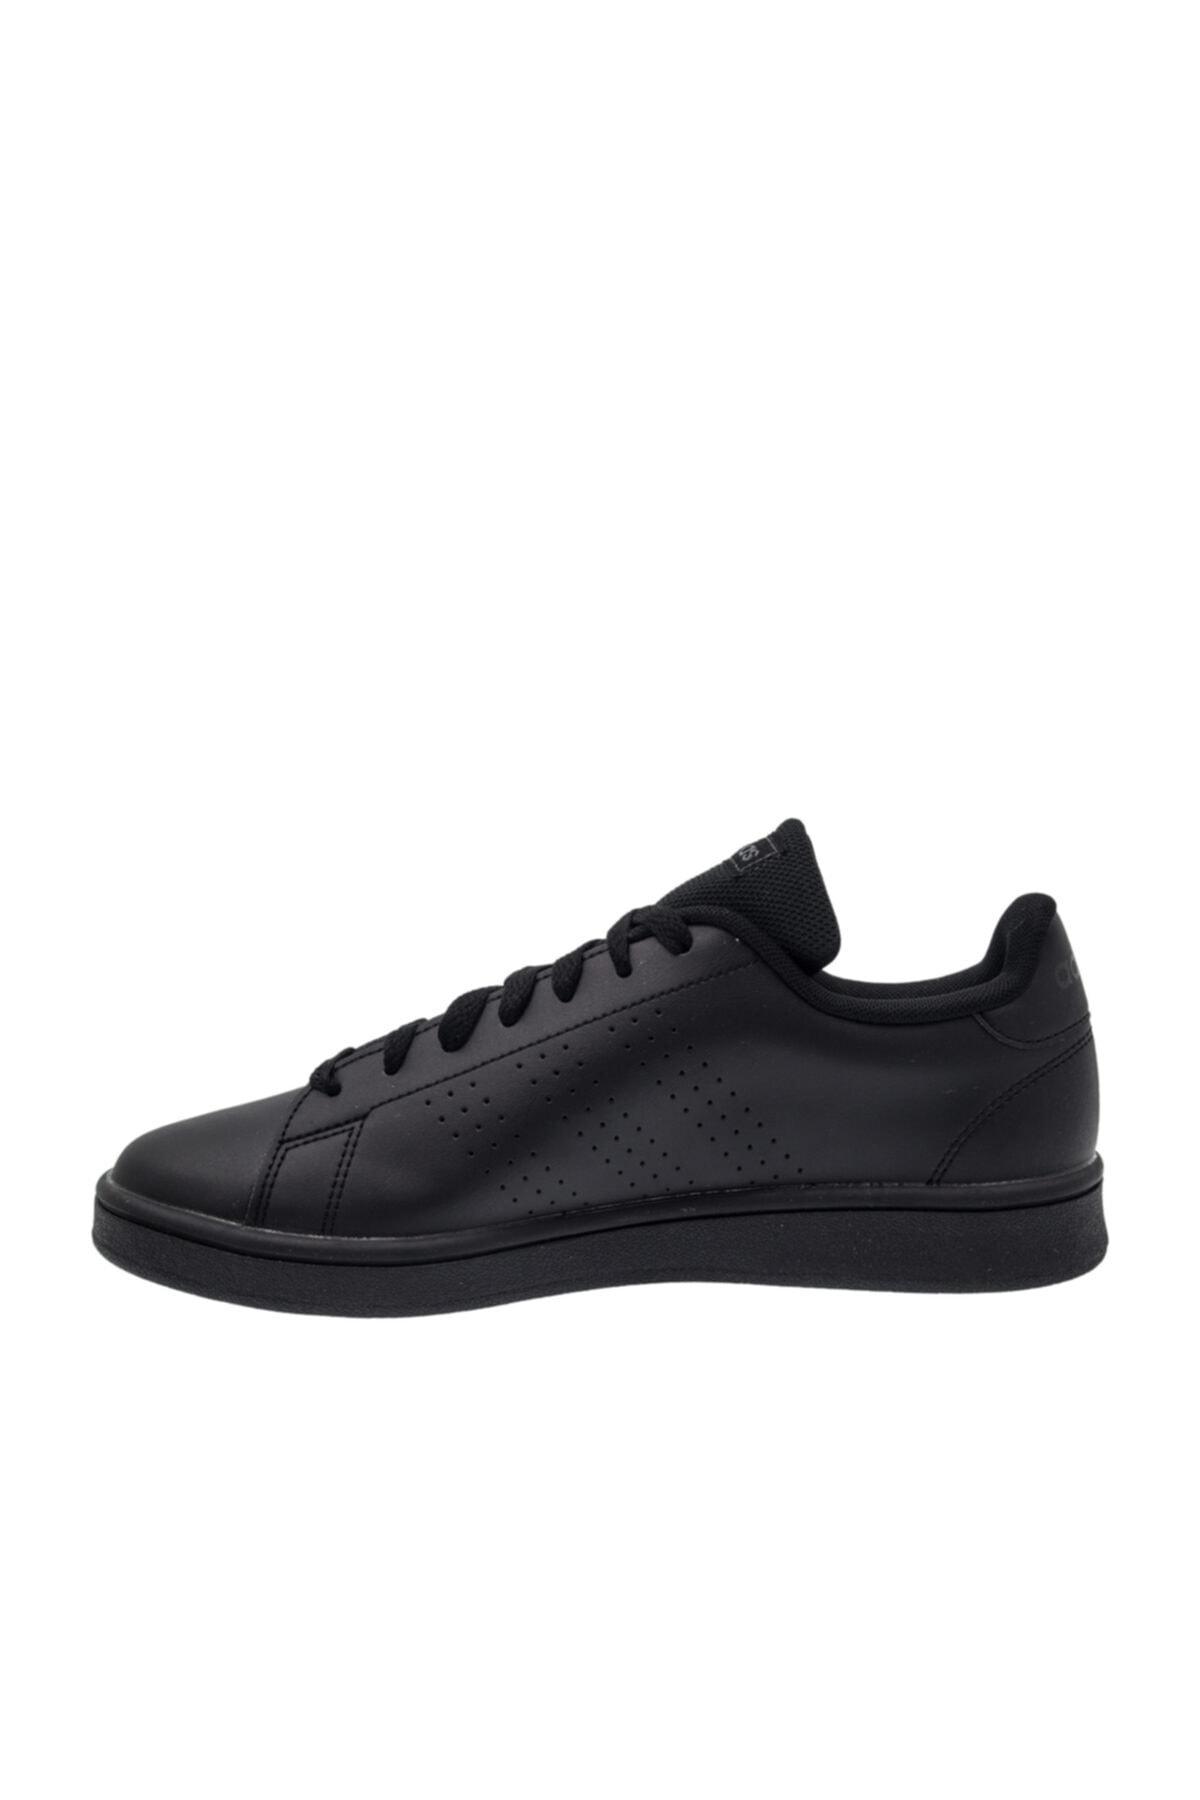 adidas Advantage Erkek Spor Ayakkabı Ee7693 2